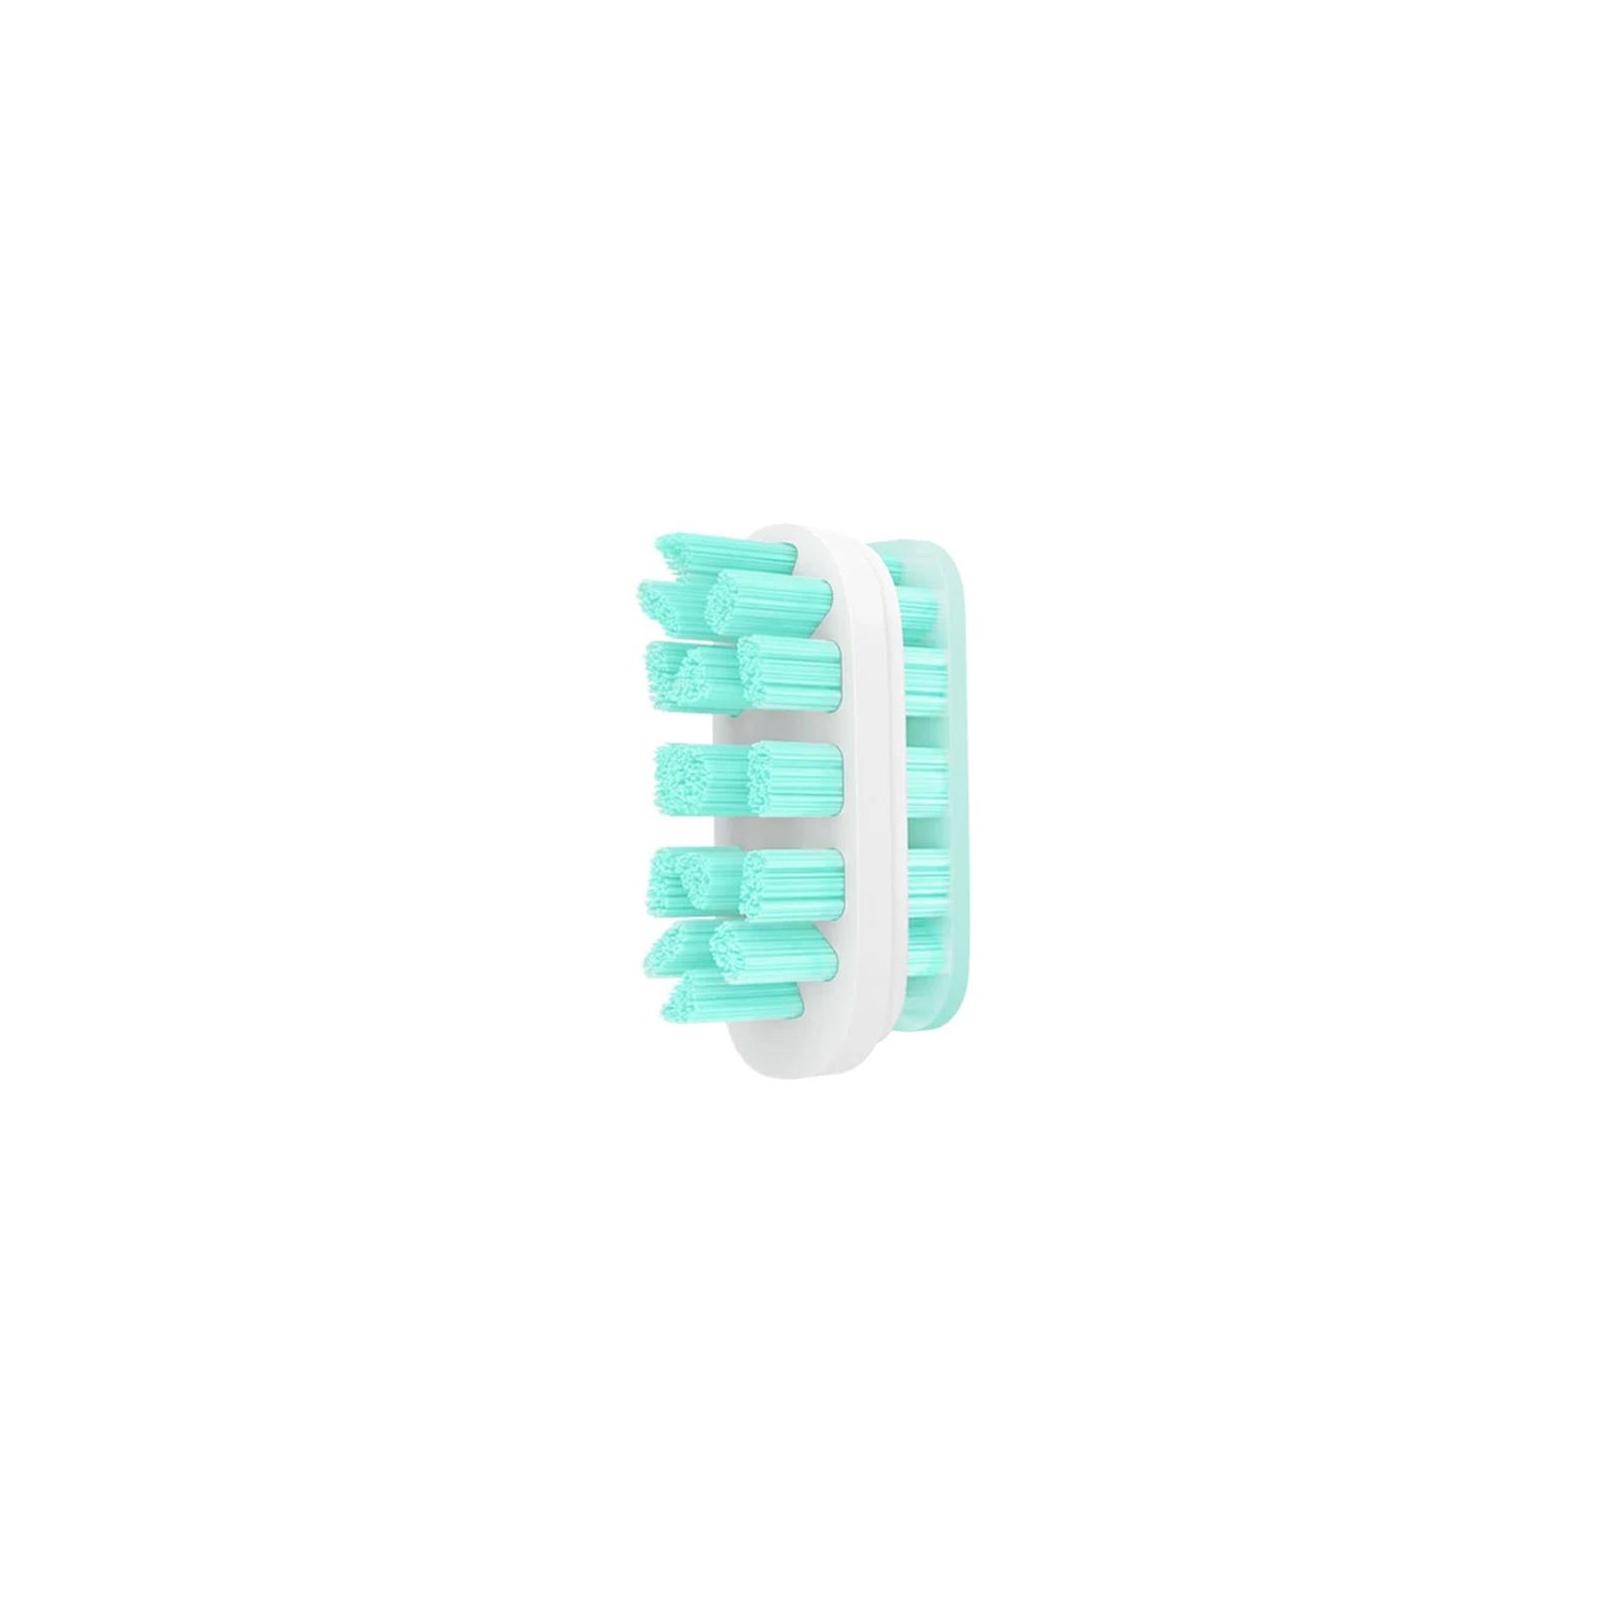 Электрическая зубная щетка Xiaomi MiJia Sound Electric Toothbrush White (DDYS01SKS) изображение 5